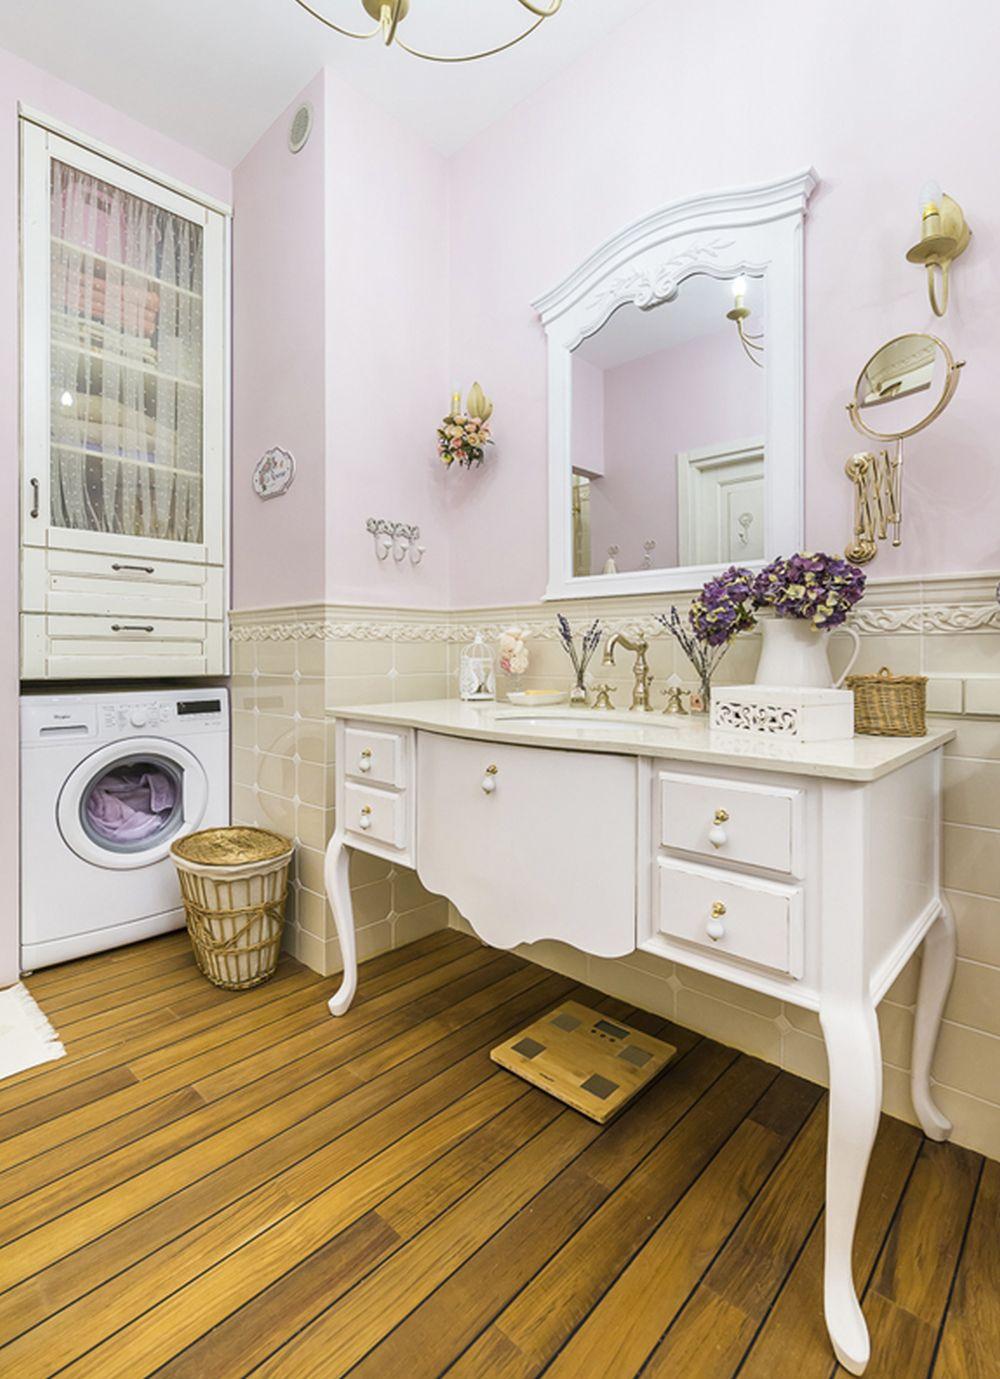 adelaparvu.com despre apartament 2 camere 82 mp, Rusia, designer Svetlana Yurkova (1)